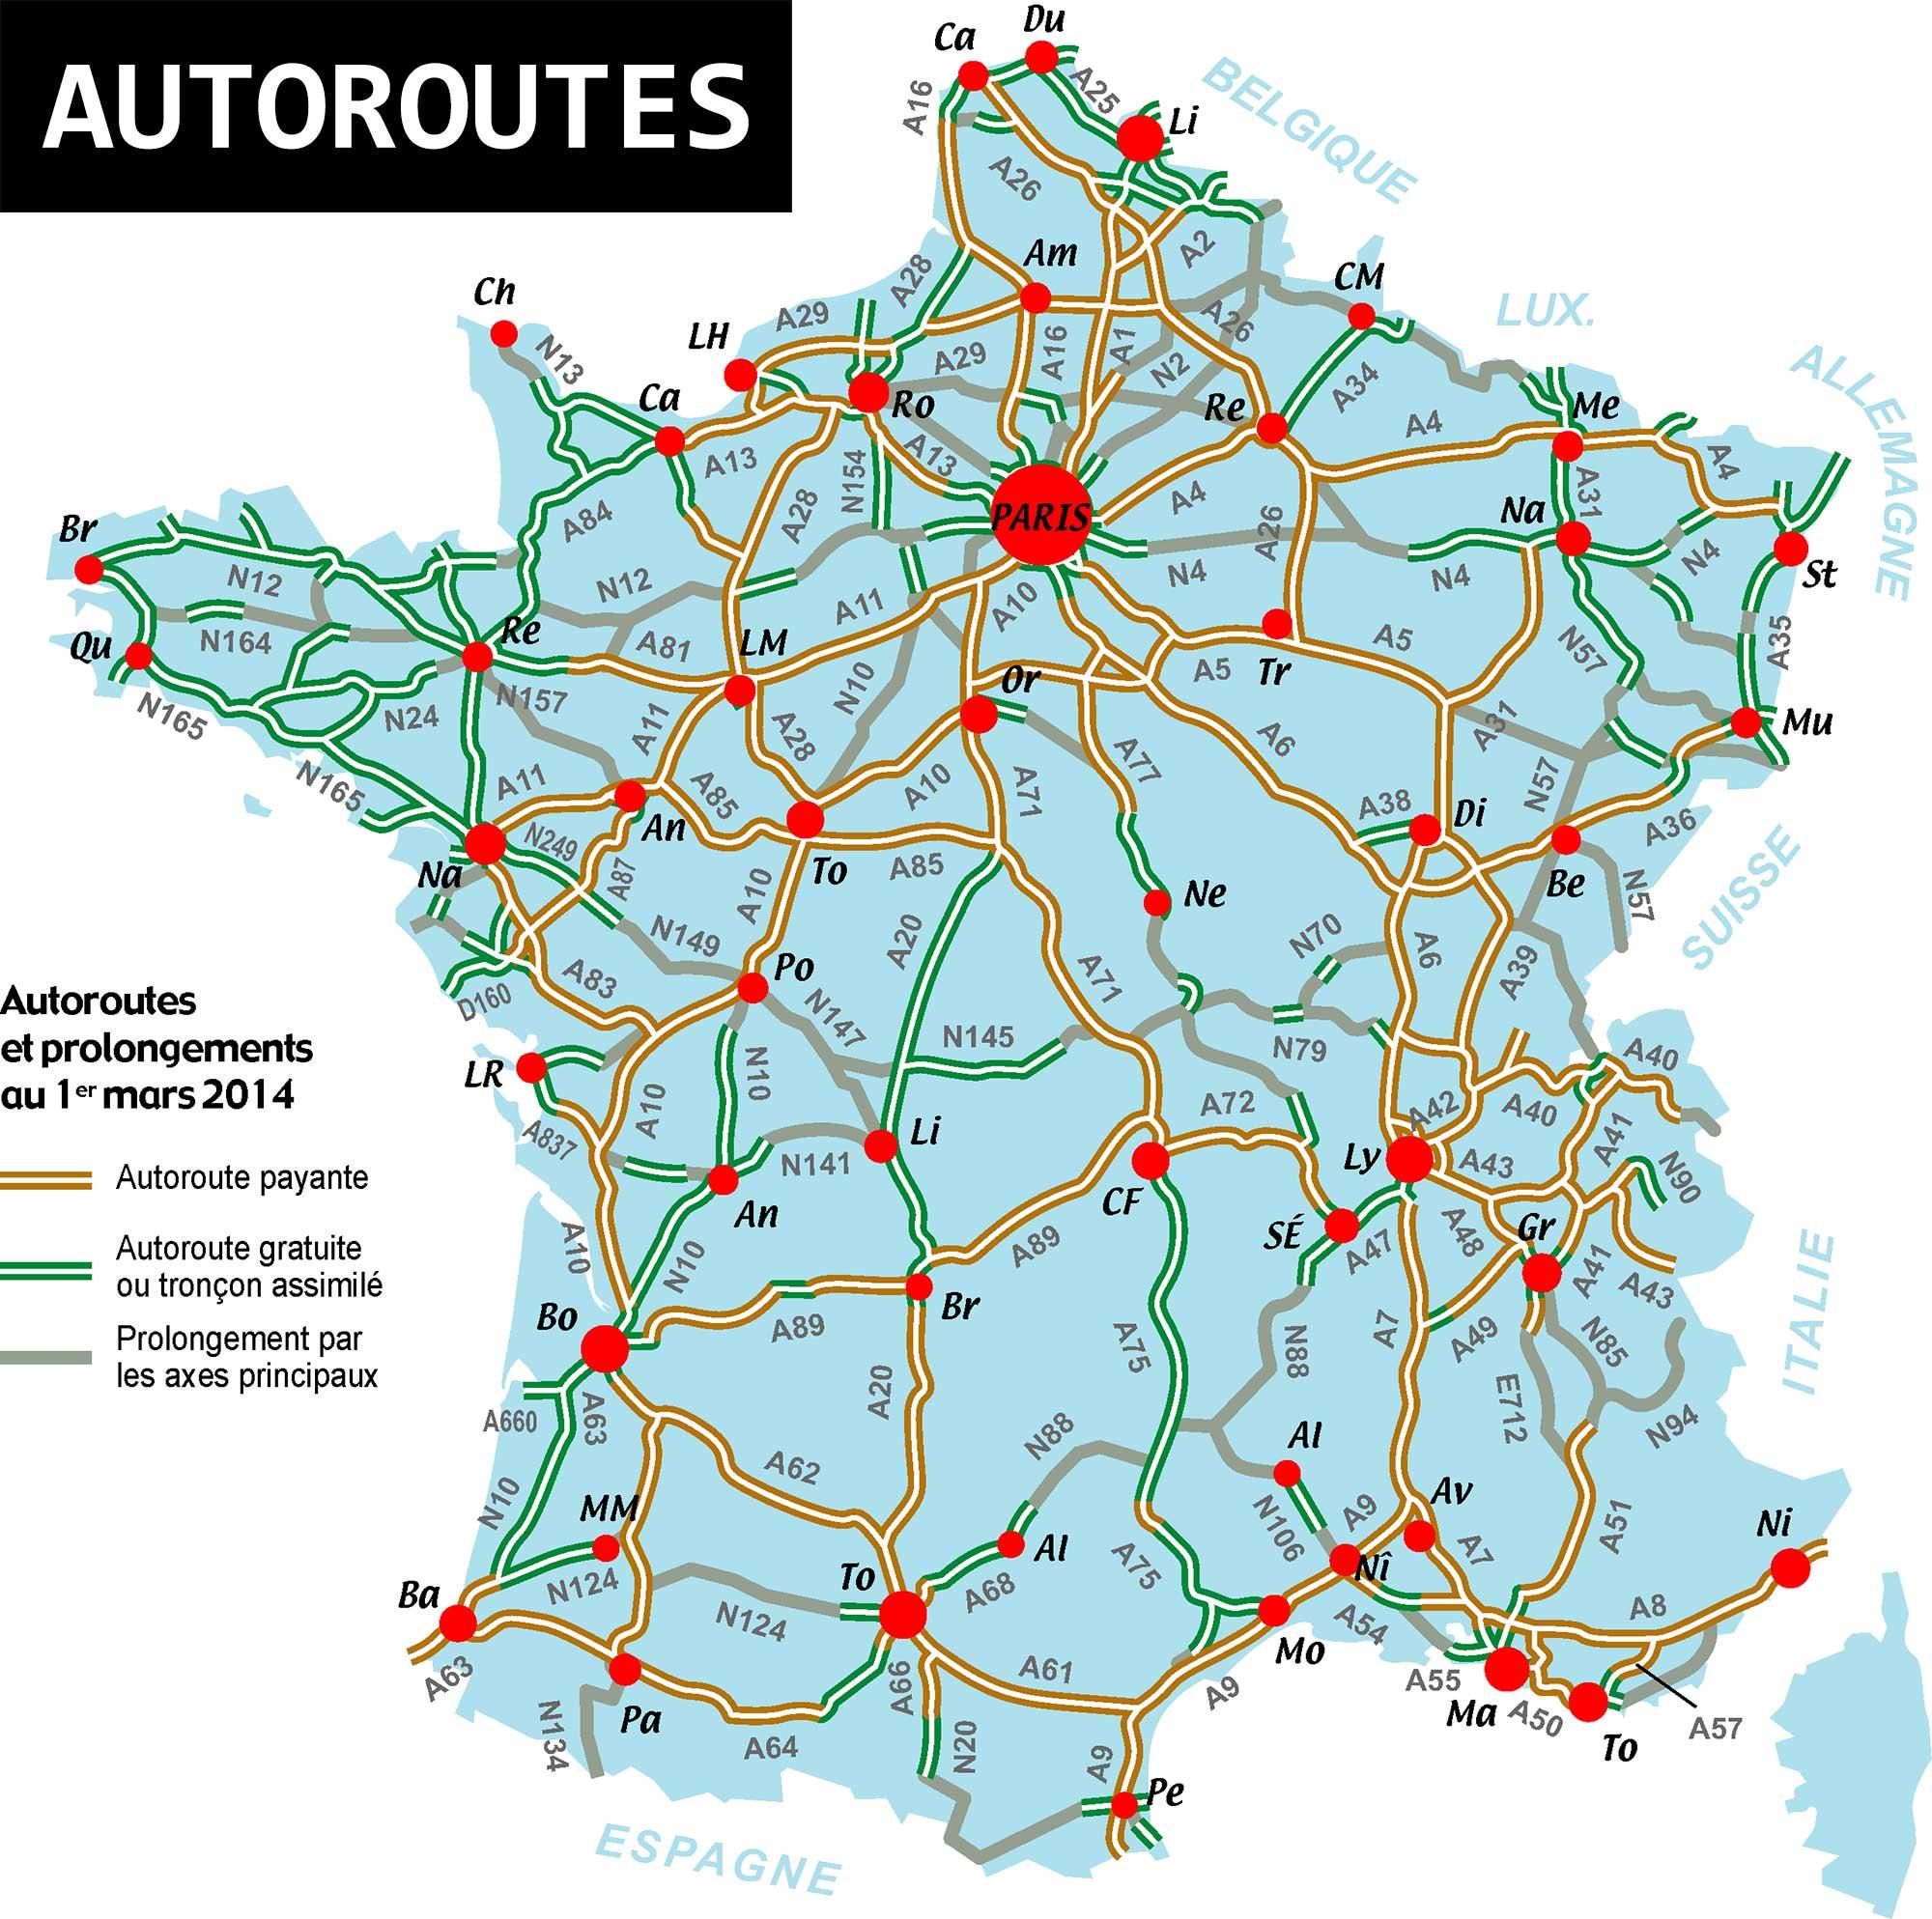 carte des autoroute de france Carte de France des autoroutes » Vacances   Arts  Guides Voyages